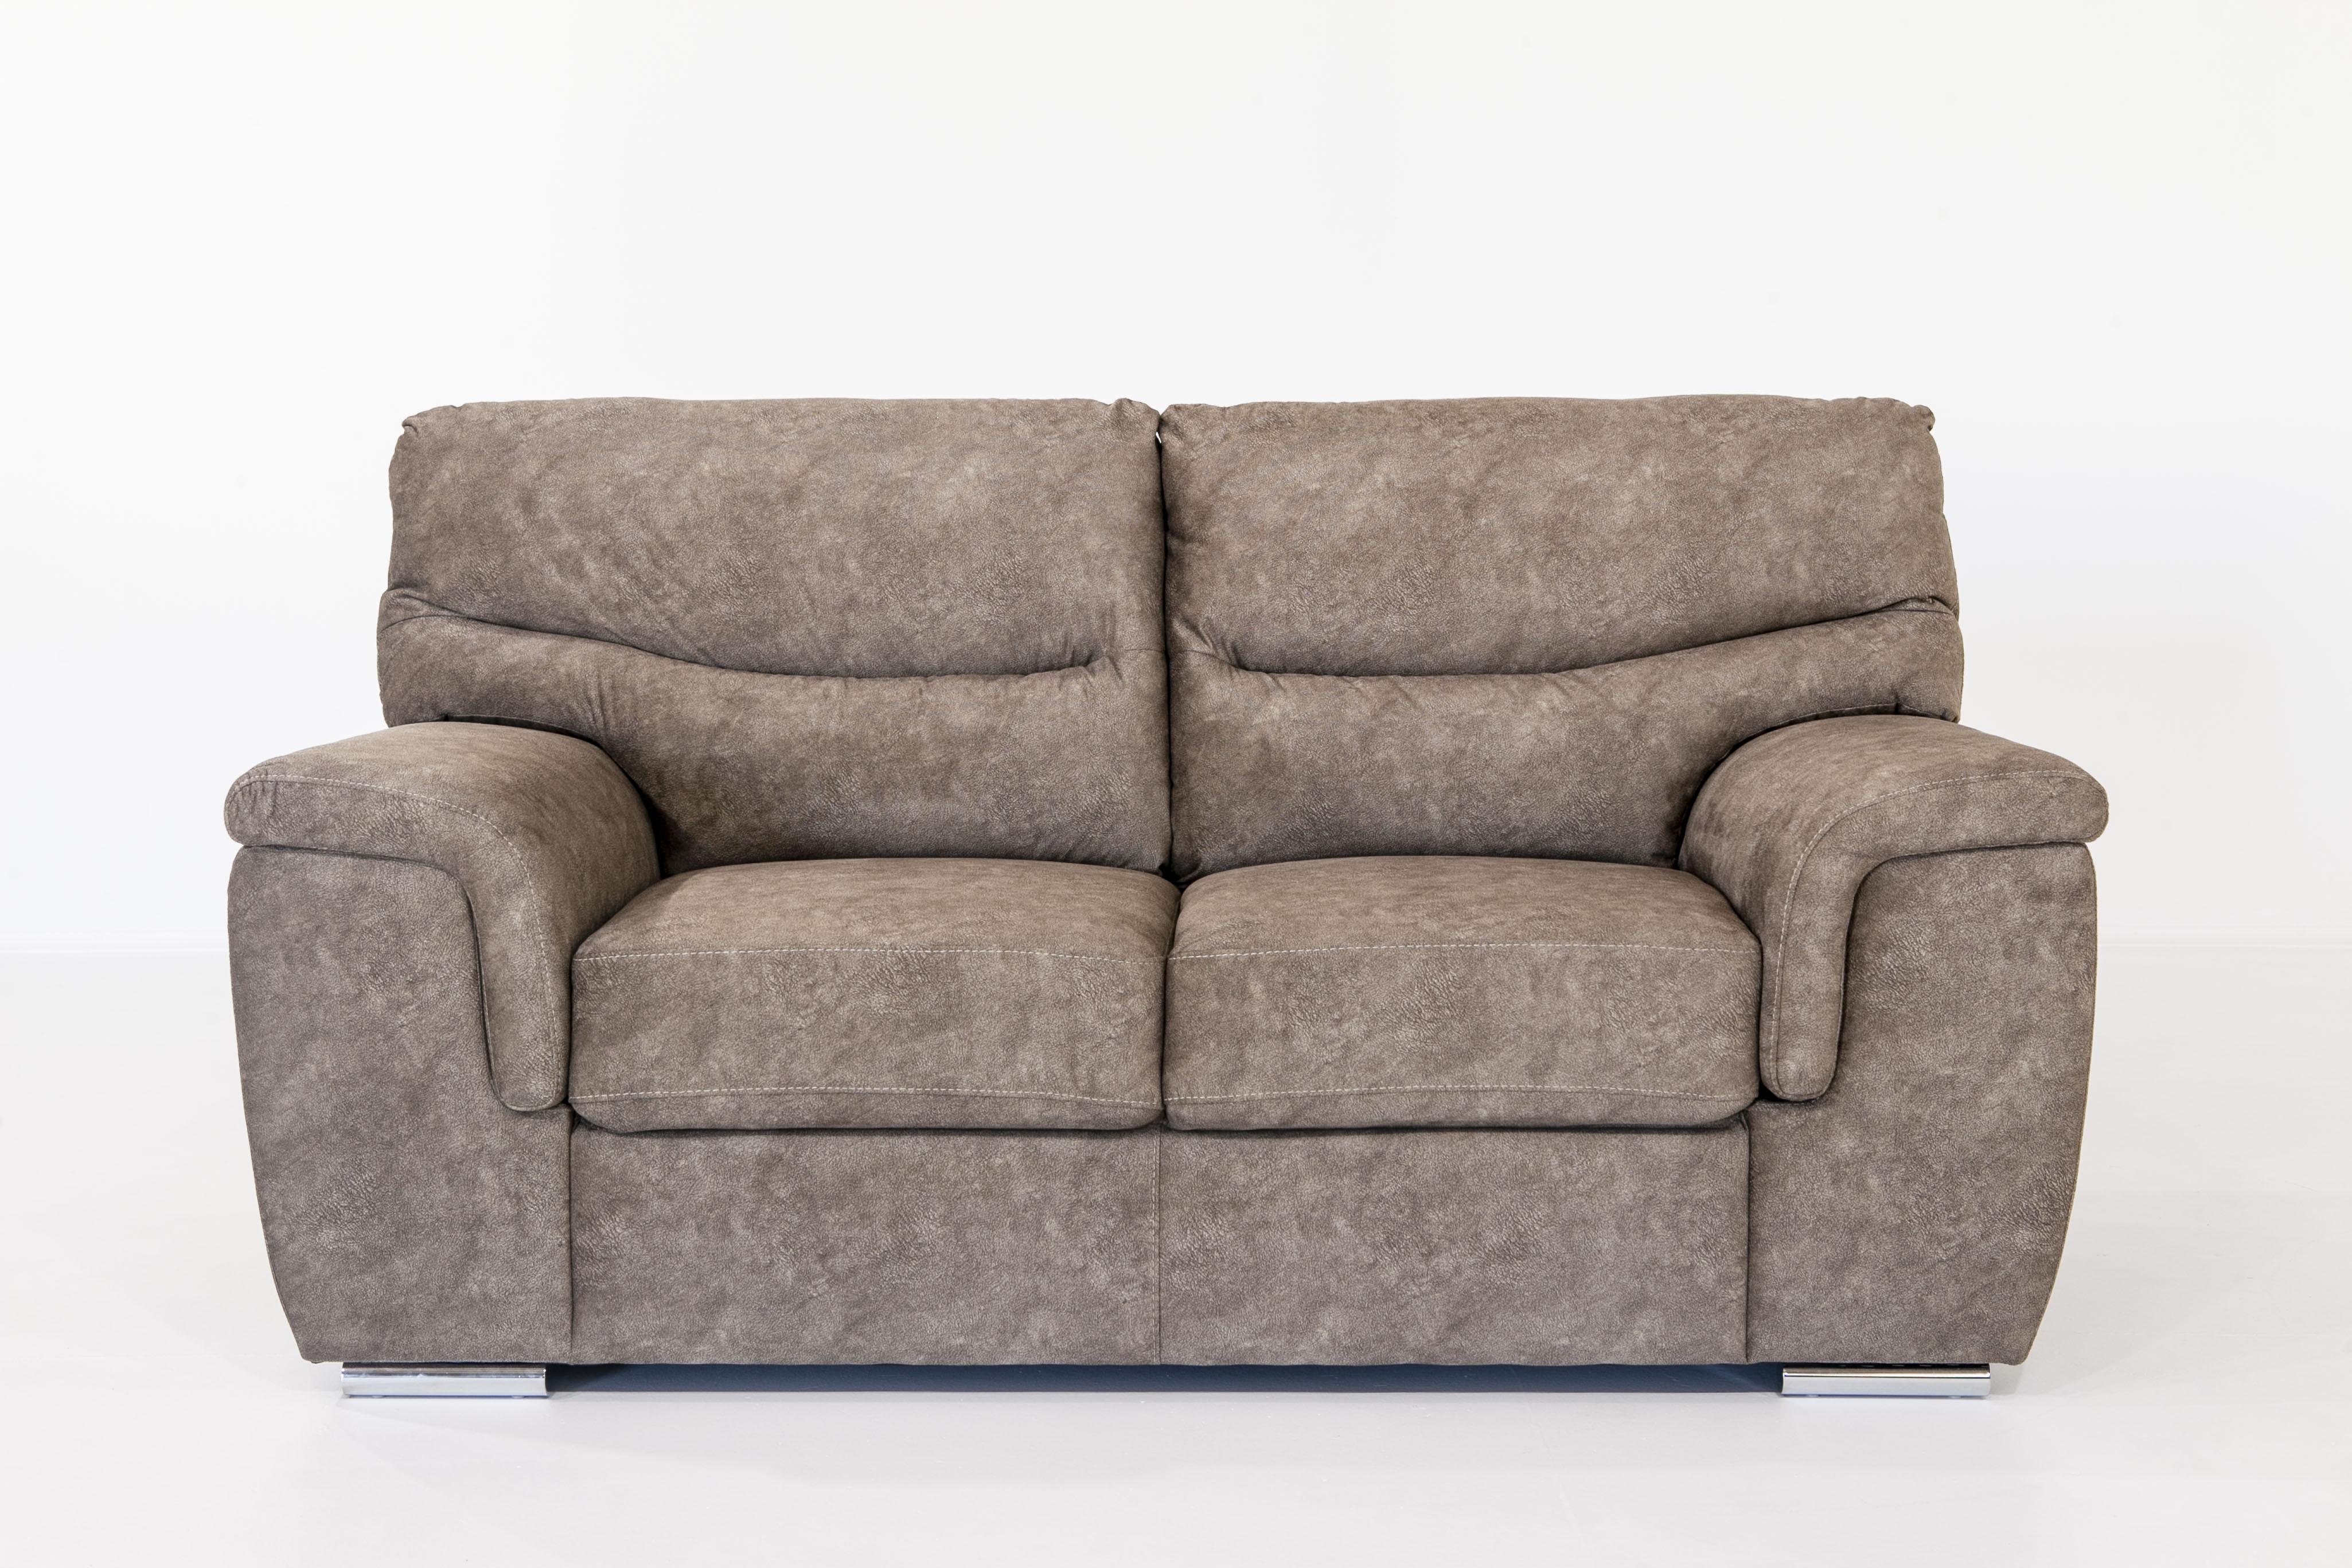 REDD - Piccolo divano 2 posti in tessuto tecnico